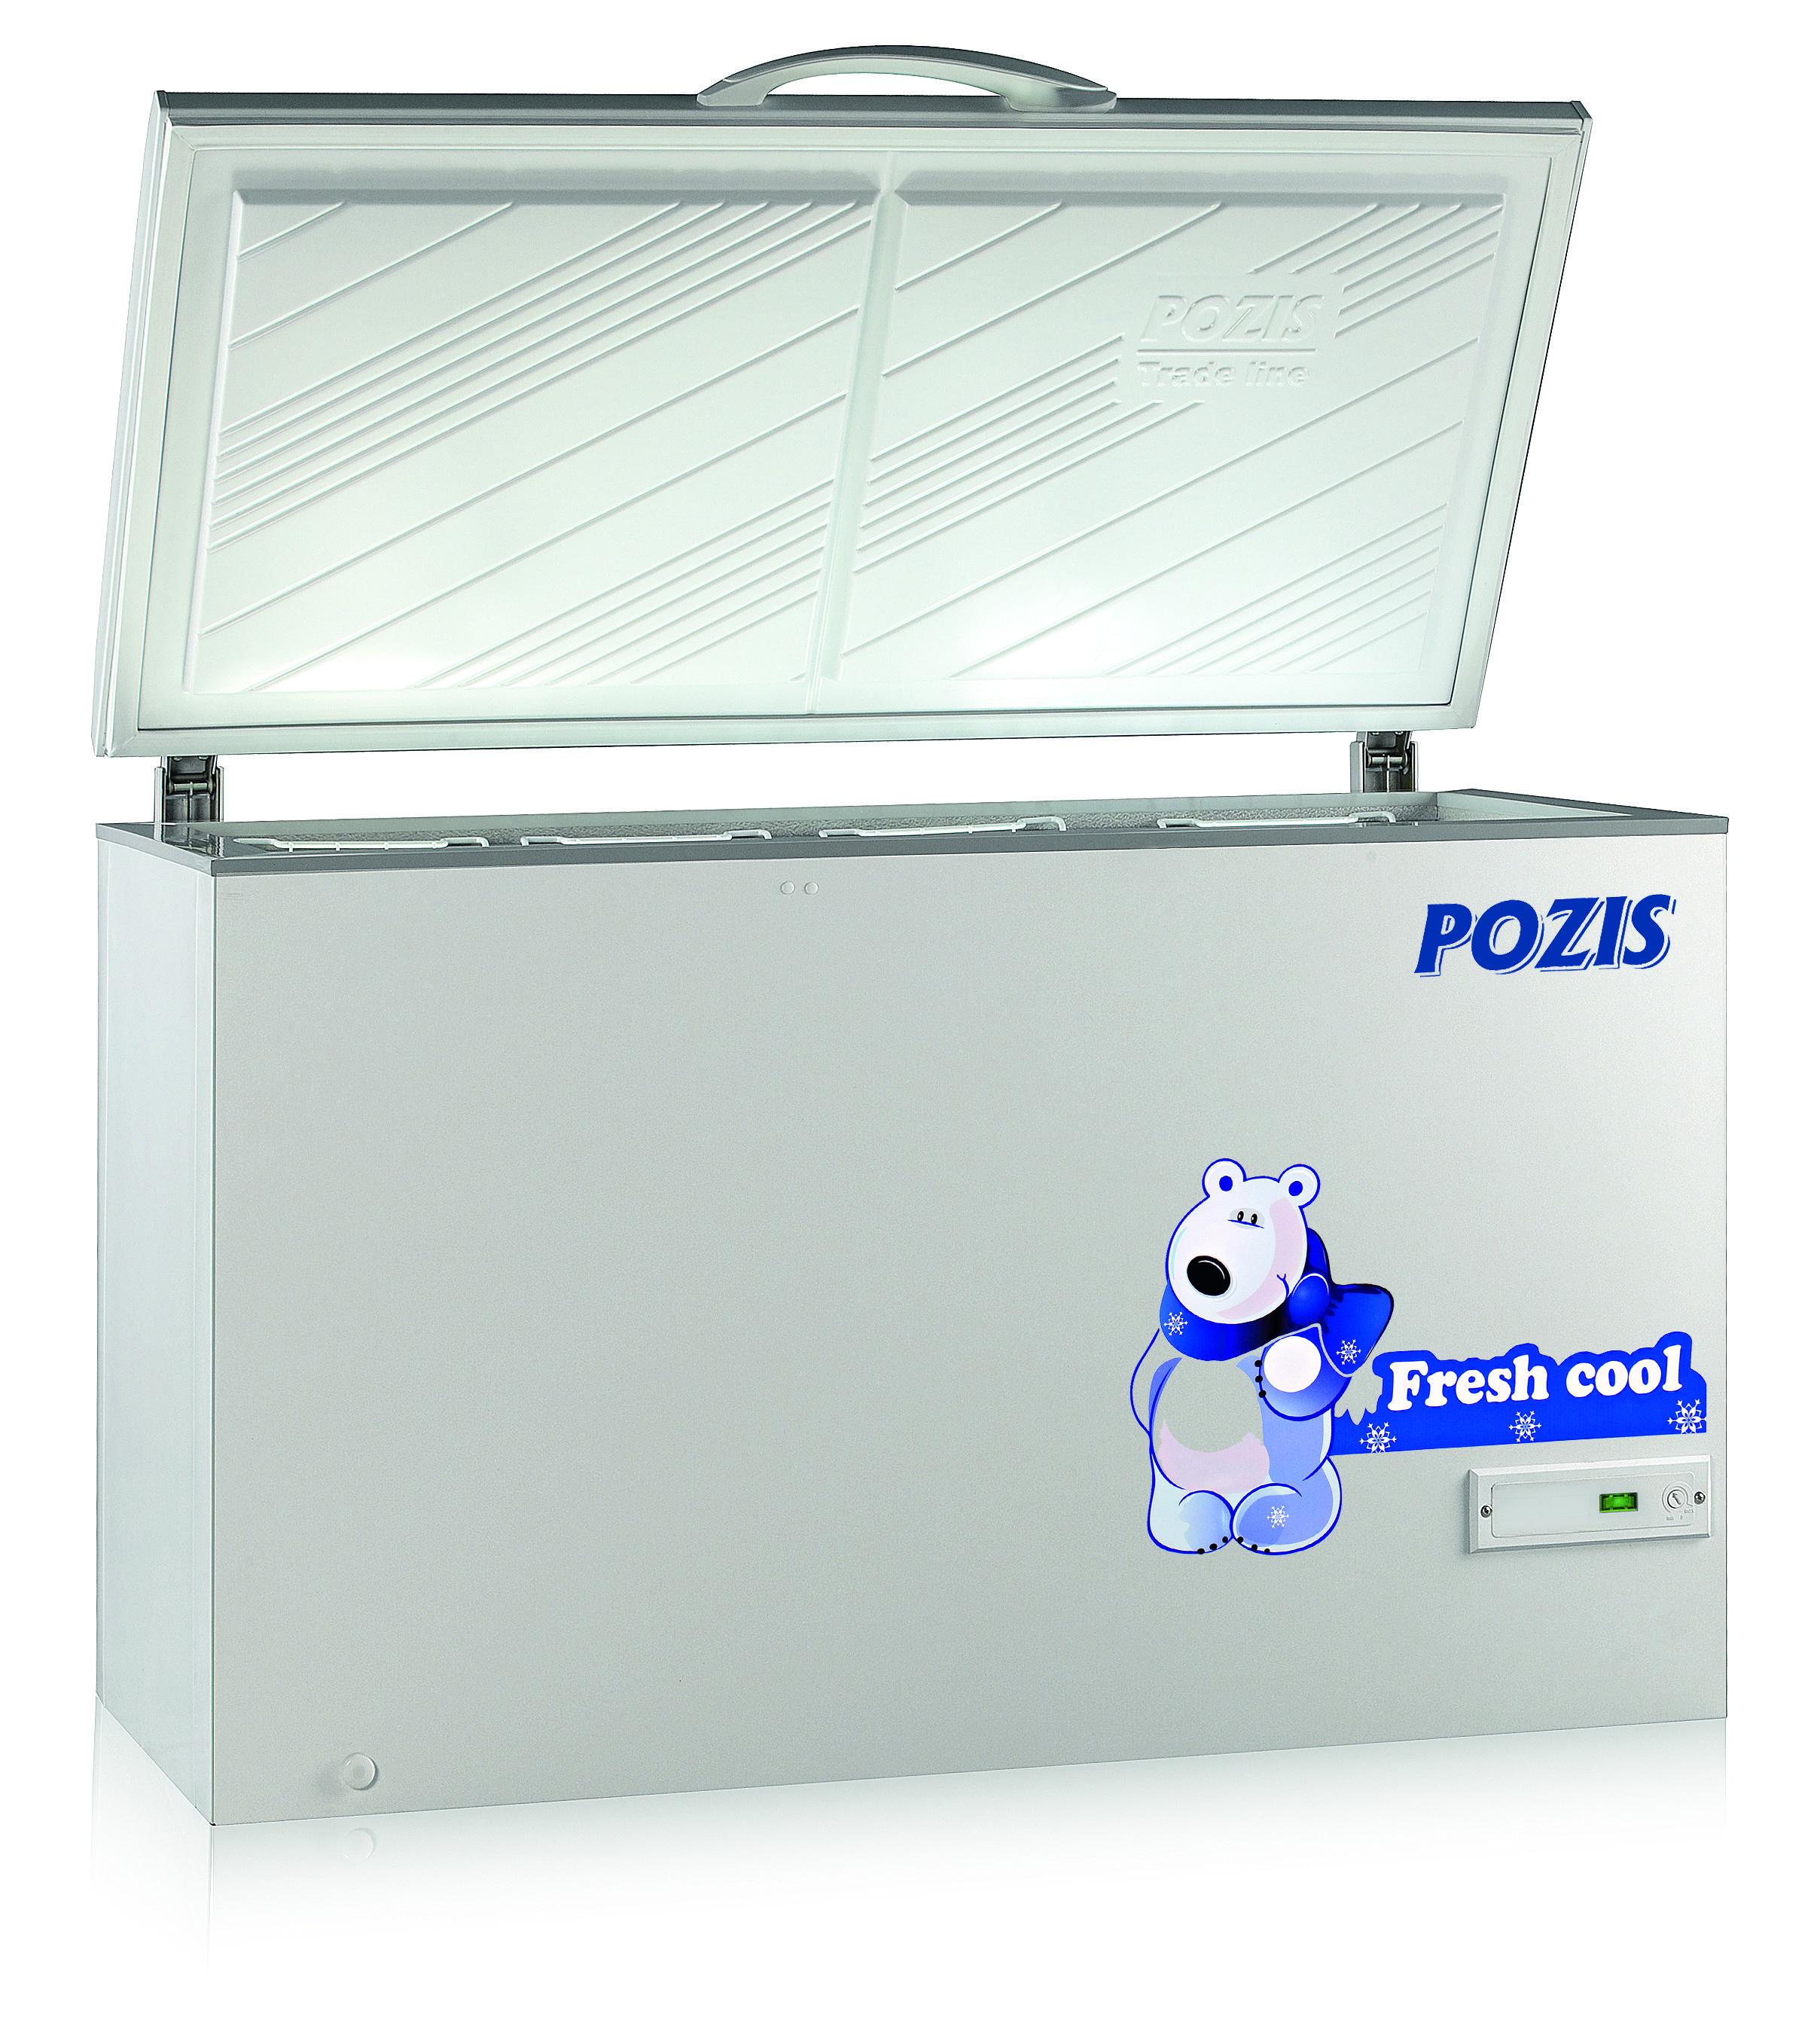 Морозильный ларь POZIS FH 250-1 от Ravta